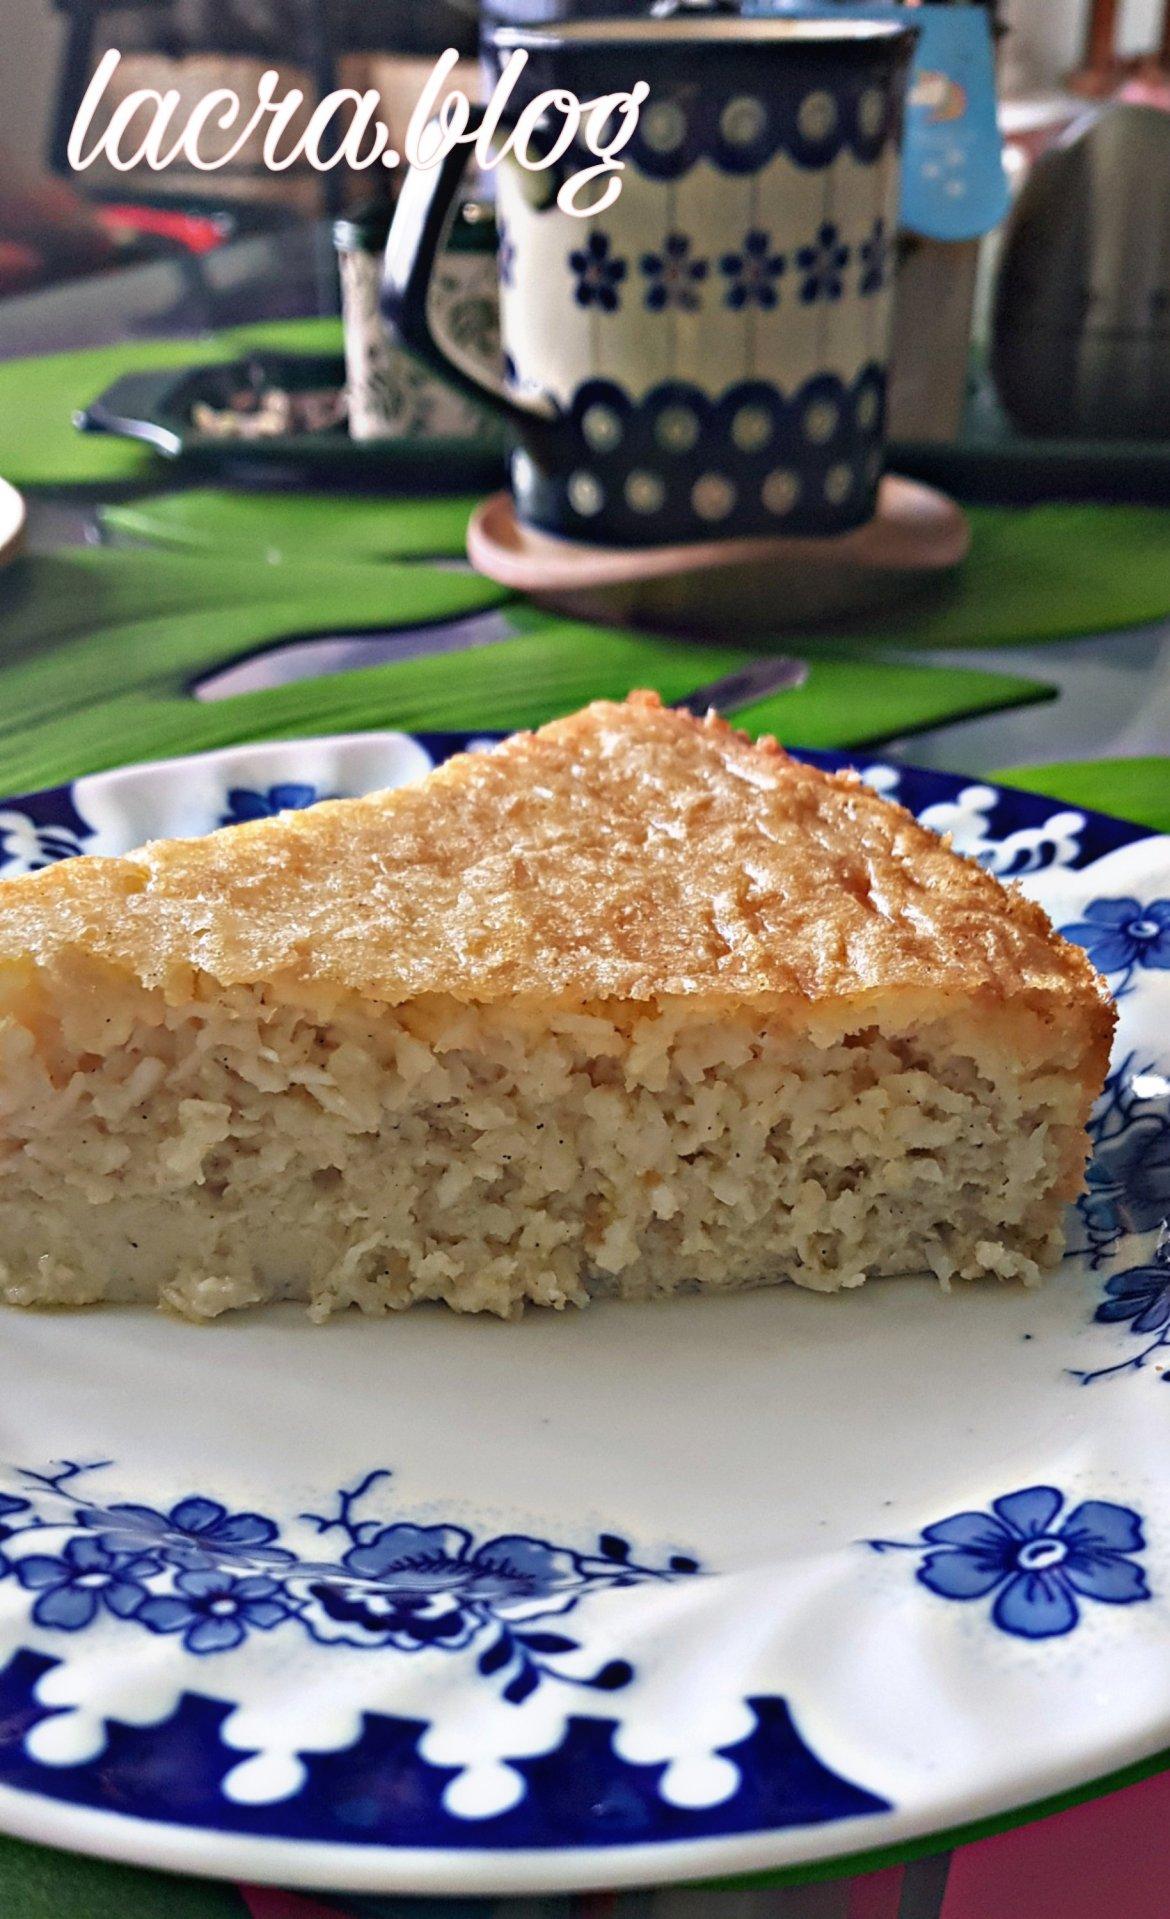 Prăjitură franțuzească cu cocos-keto